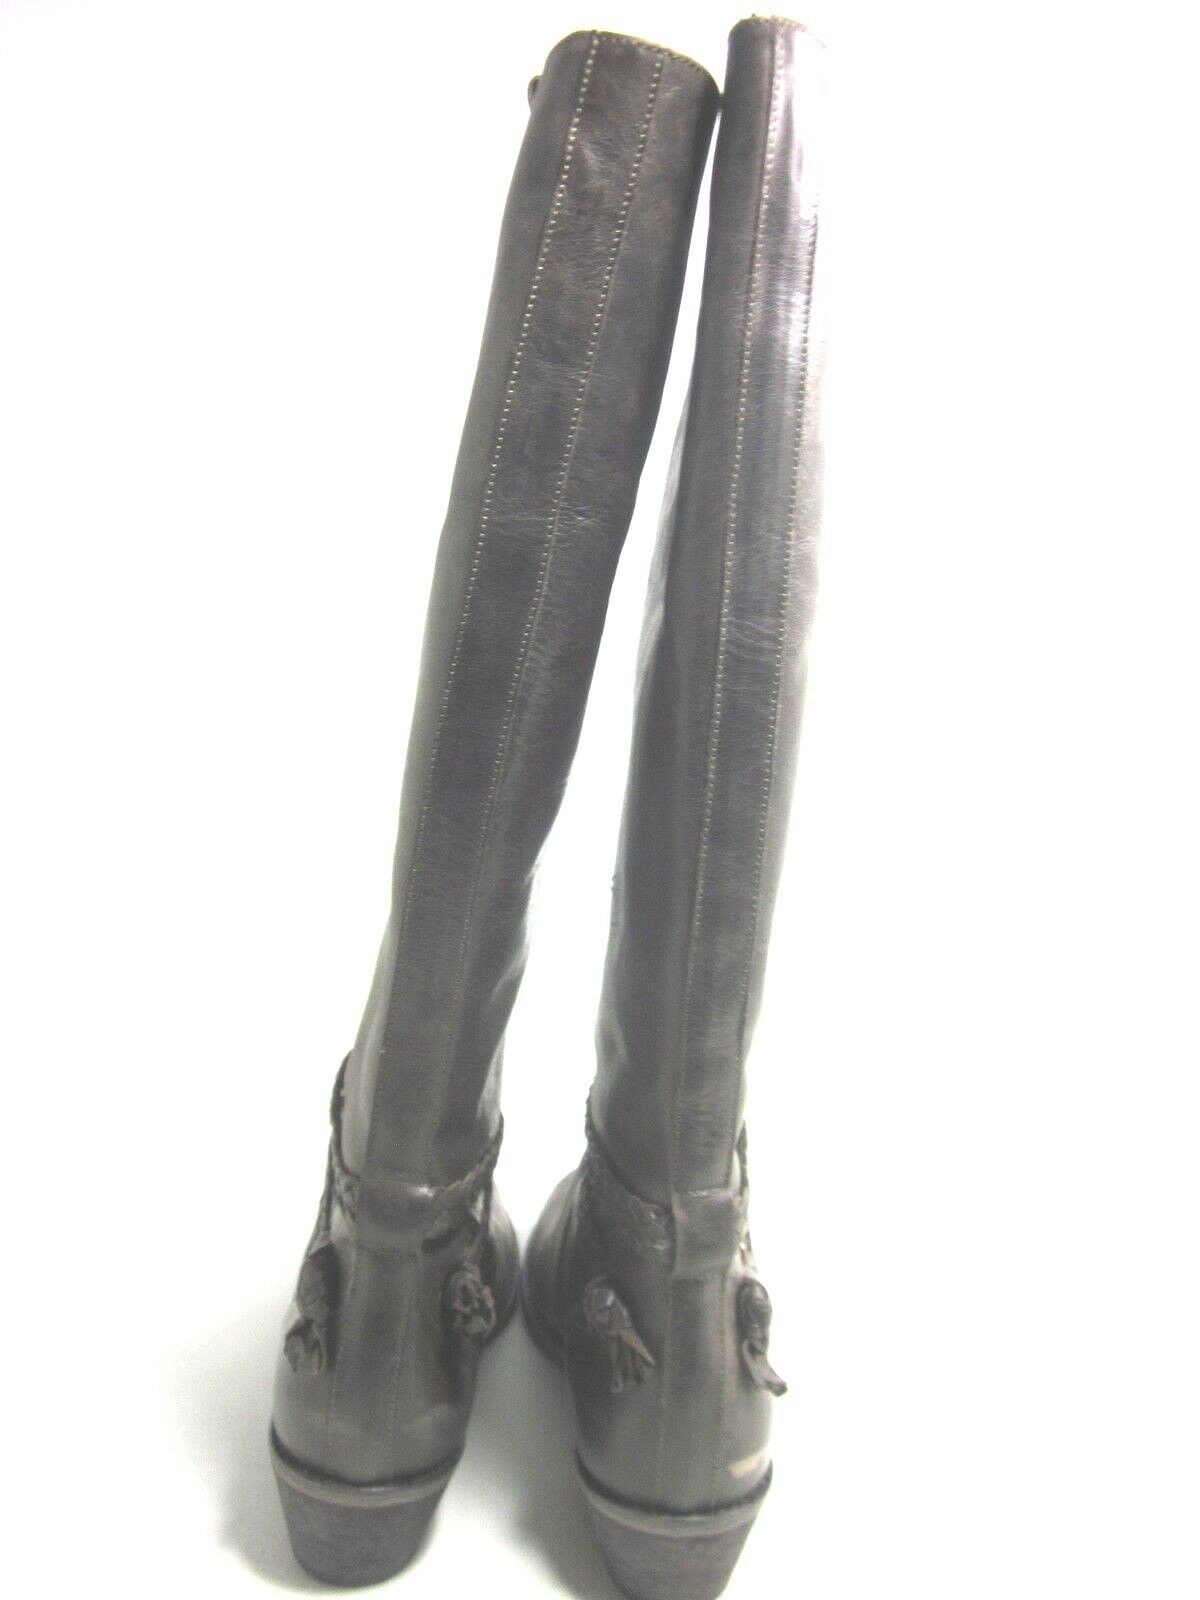 Charles David para mujer Rover mitad de la Marrón, Pantorrilla Bota, Cuero Marrón, la US tamaño 10 medio dce41a